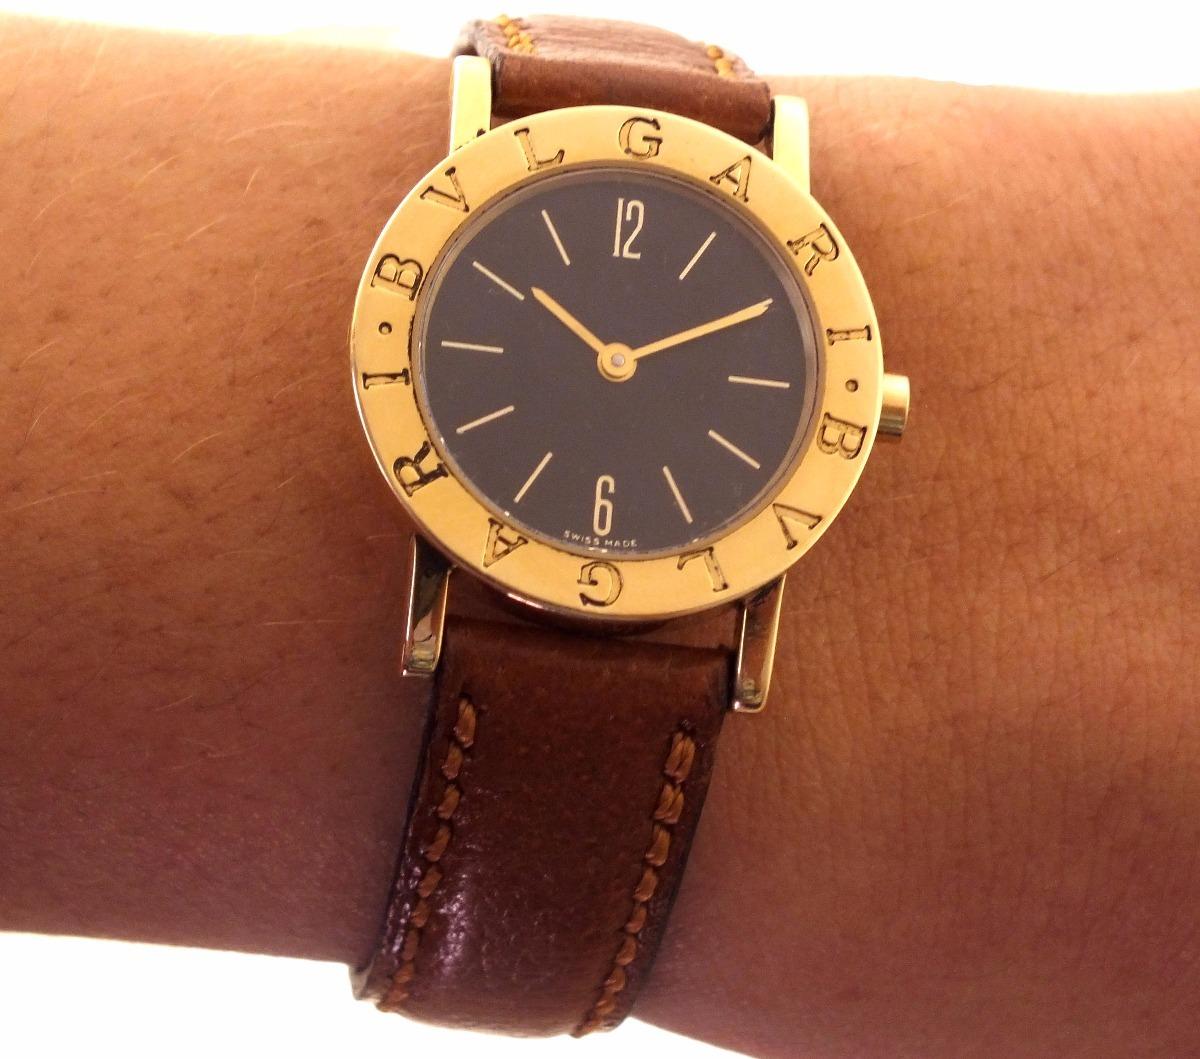 0d3373e2ea1 Relógio De Pulso Bvlgari Feminino Em Ouro 18k J17306 - R  7.999